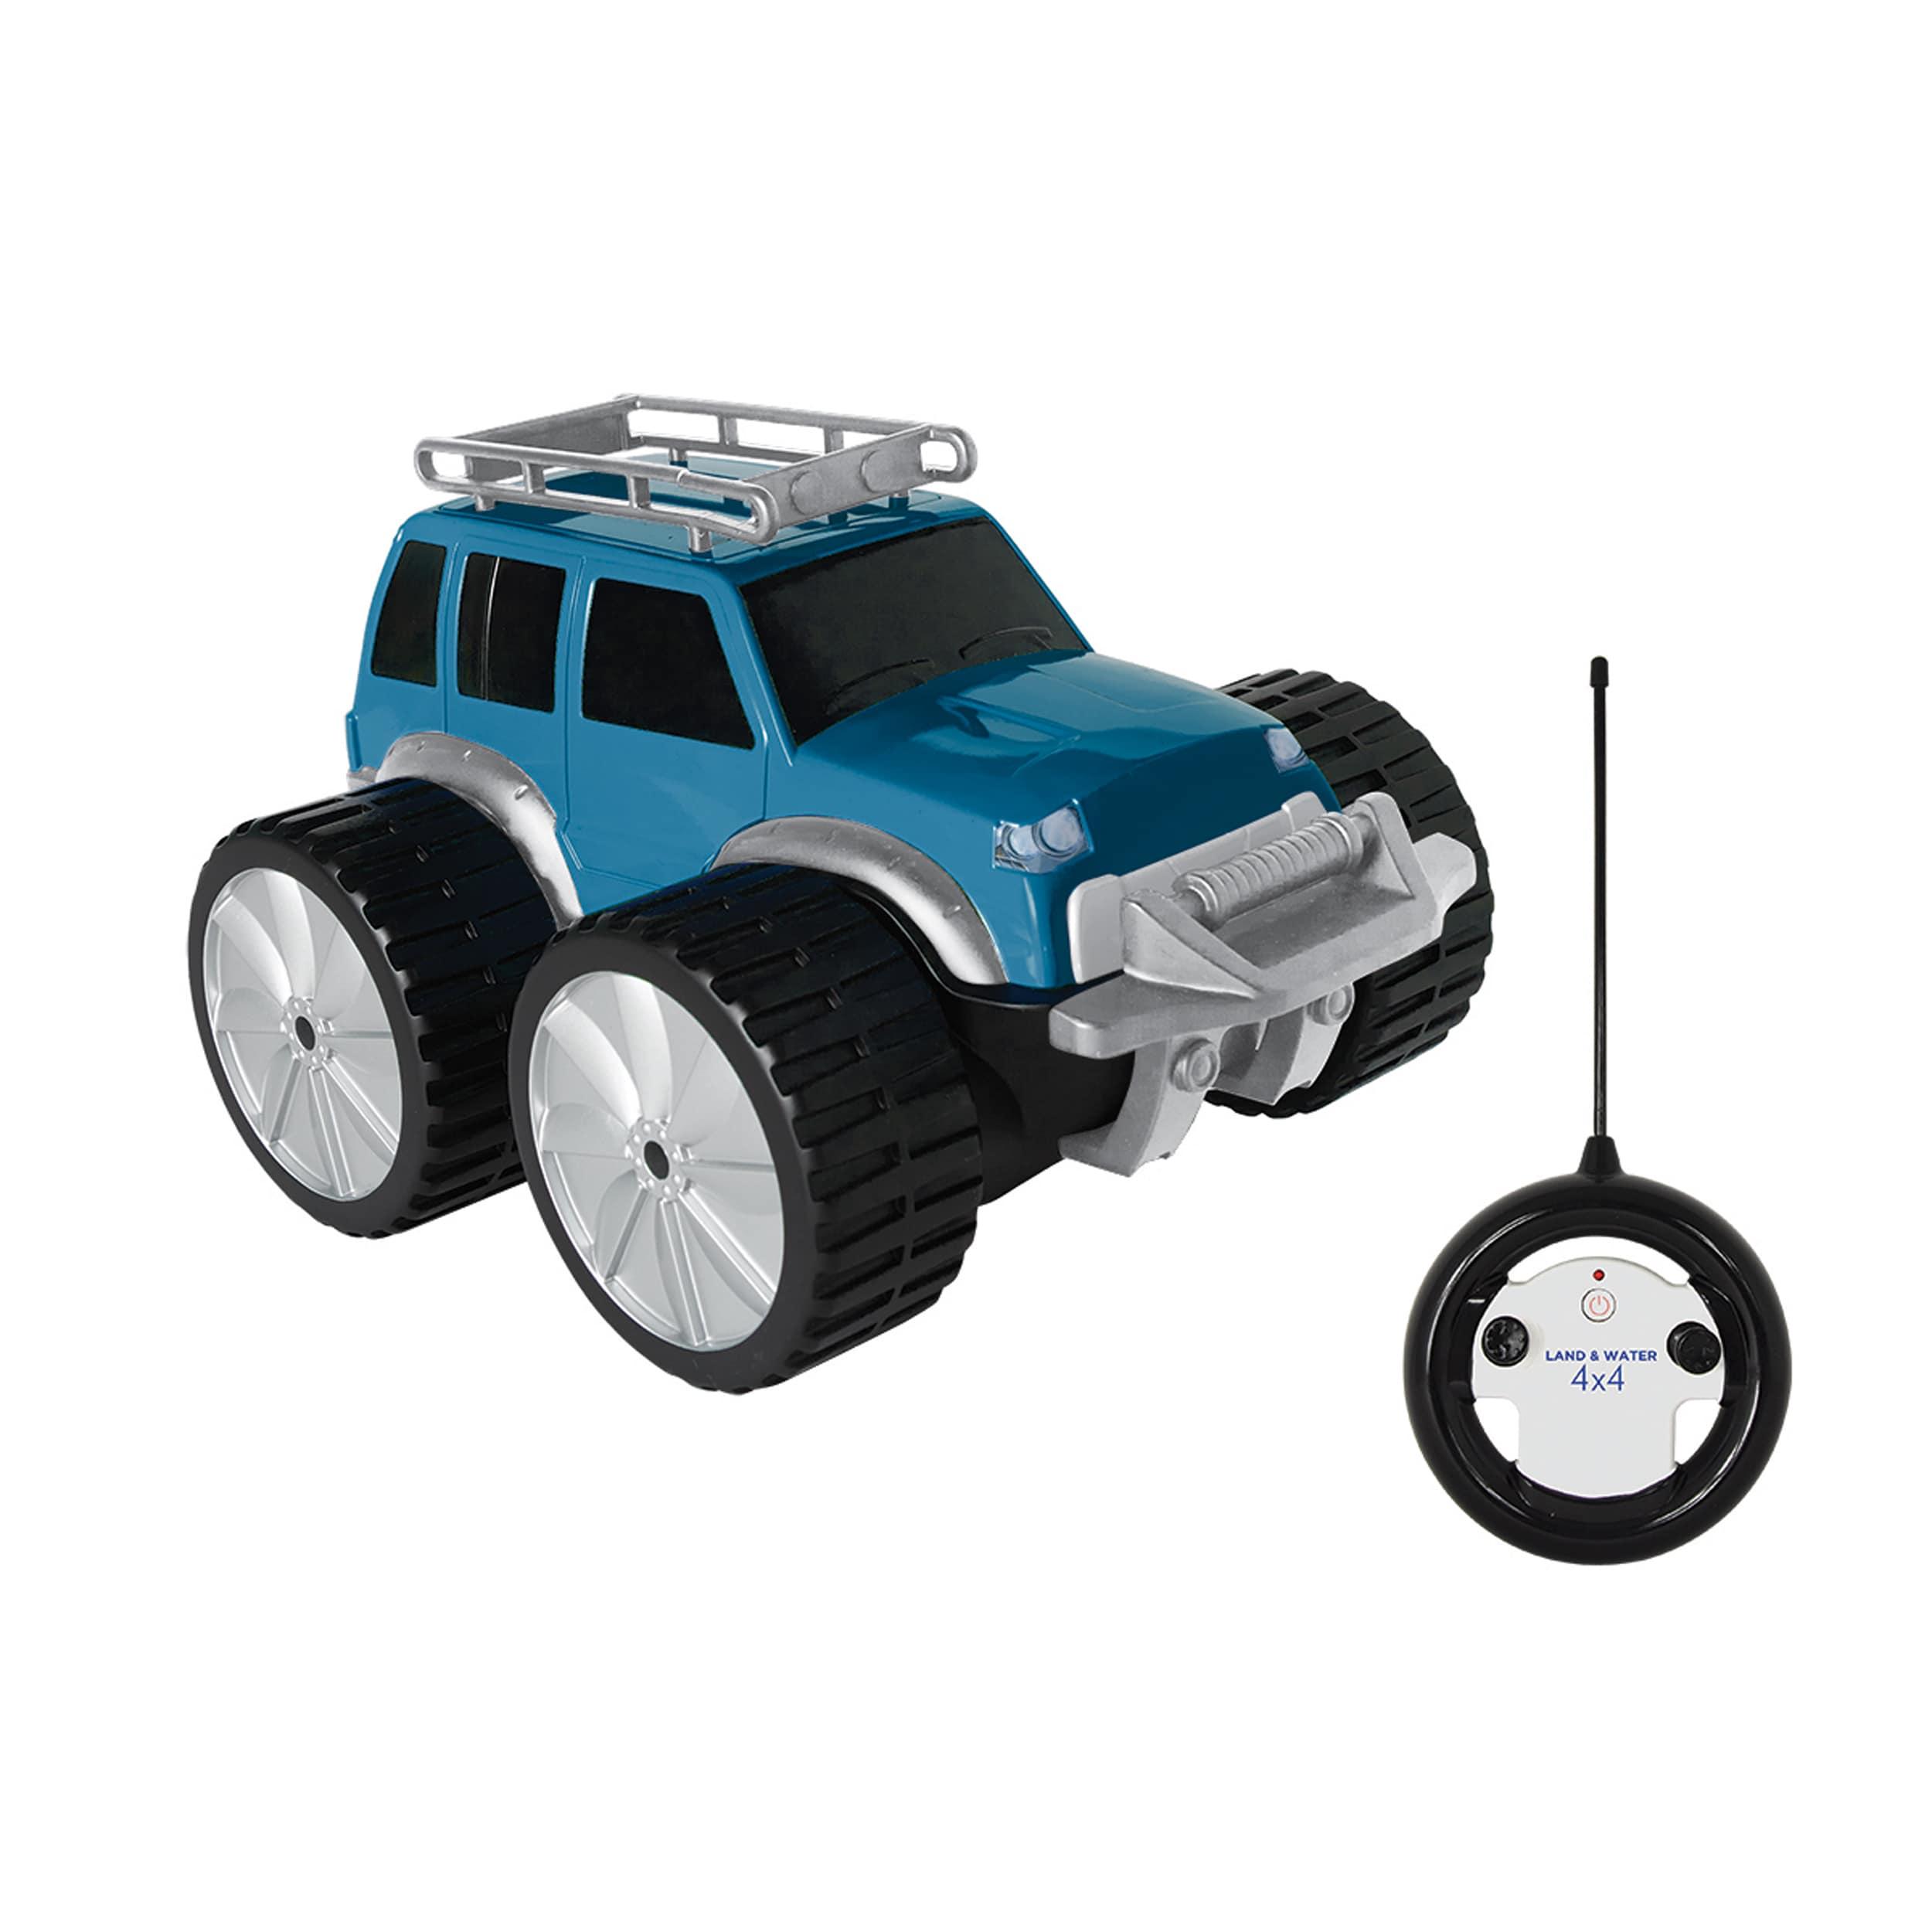 Black Series RC Land & Water 4x4 (Land Water 4x4 Blue)